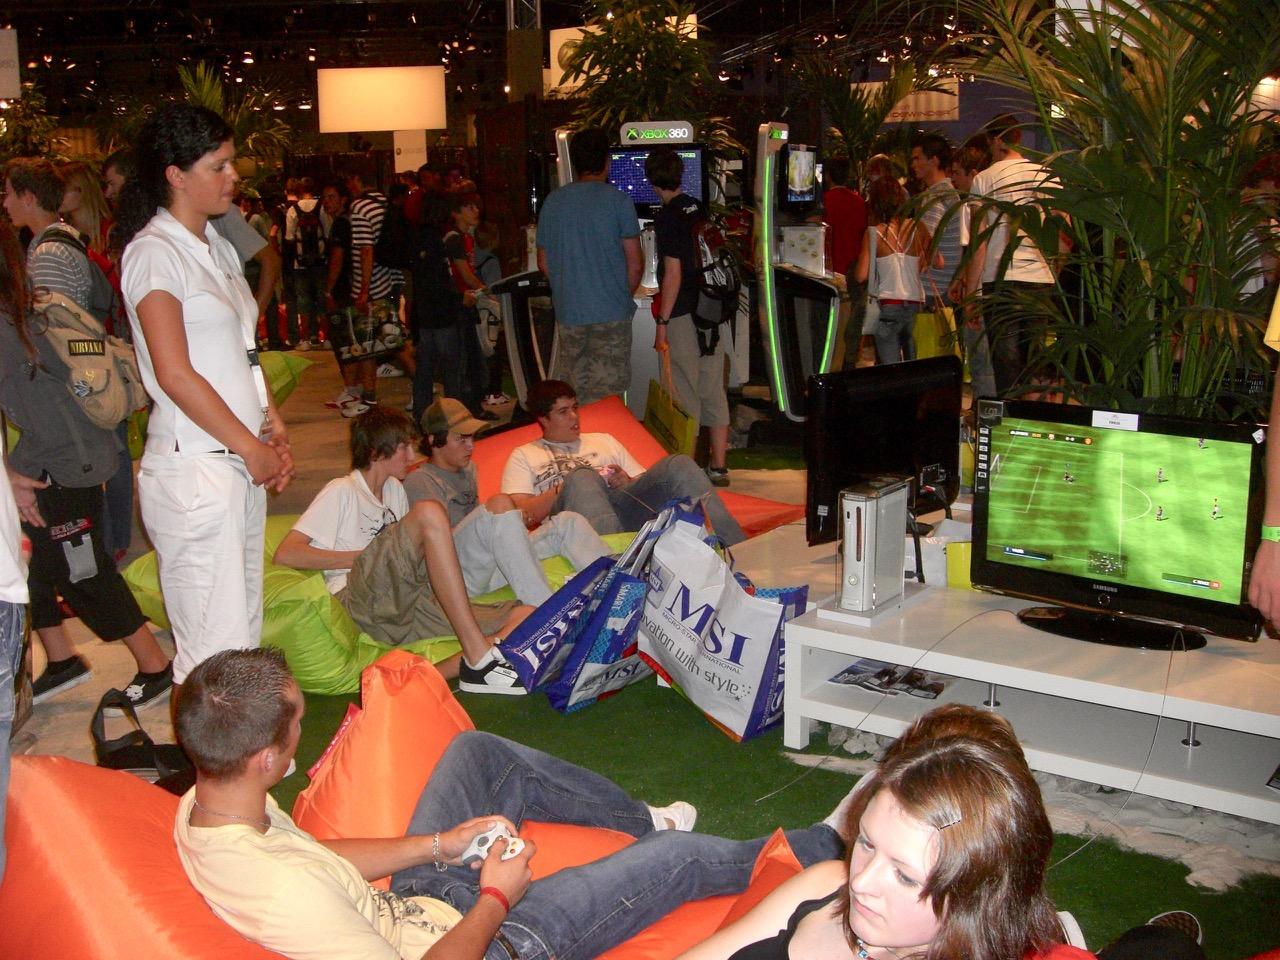 Sitzen, Liegen, Spielen mit der Xbox 360 auf dem Stand von Microsoft. (Bild: André Eymann)